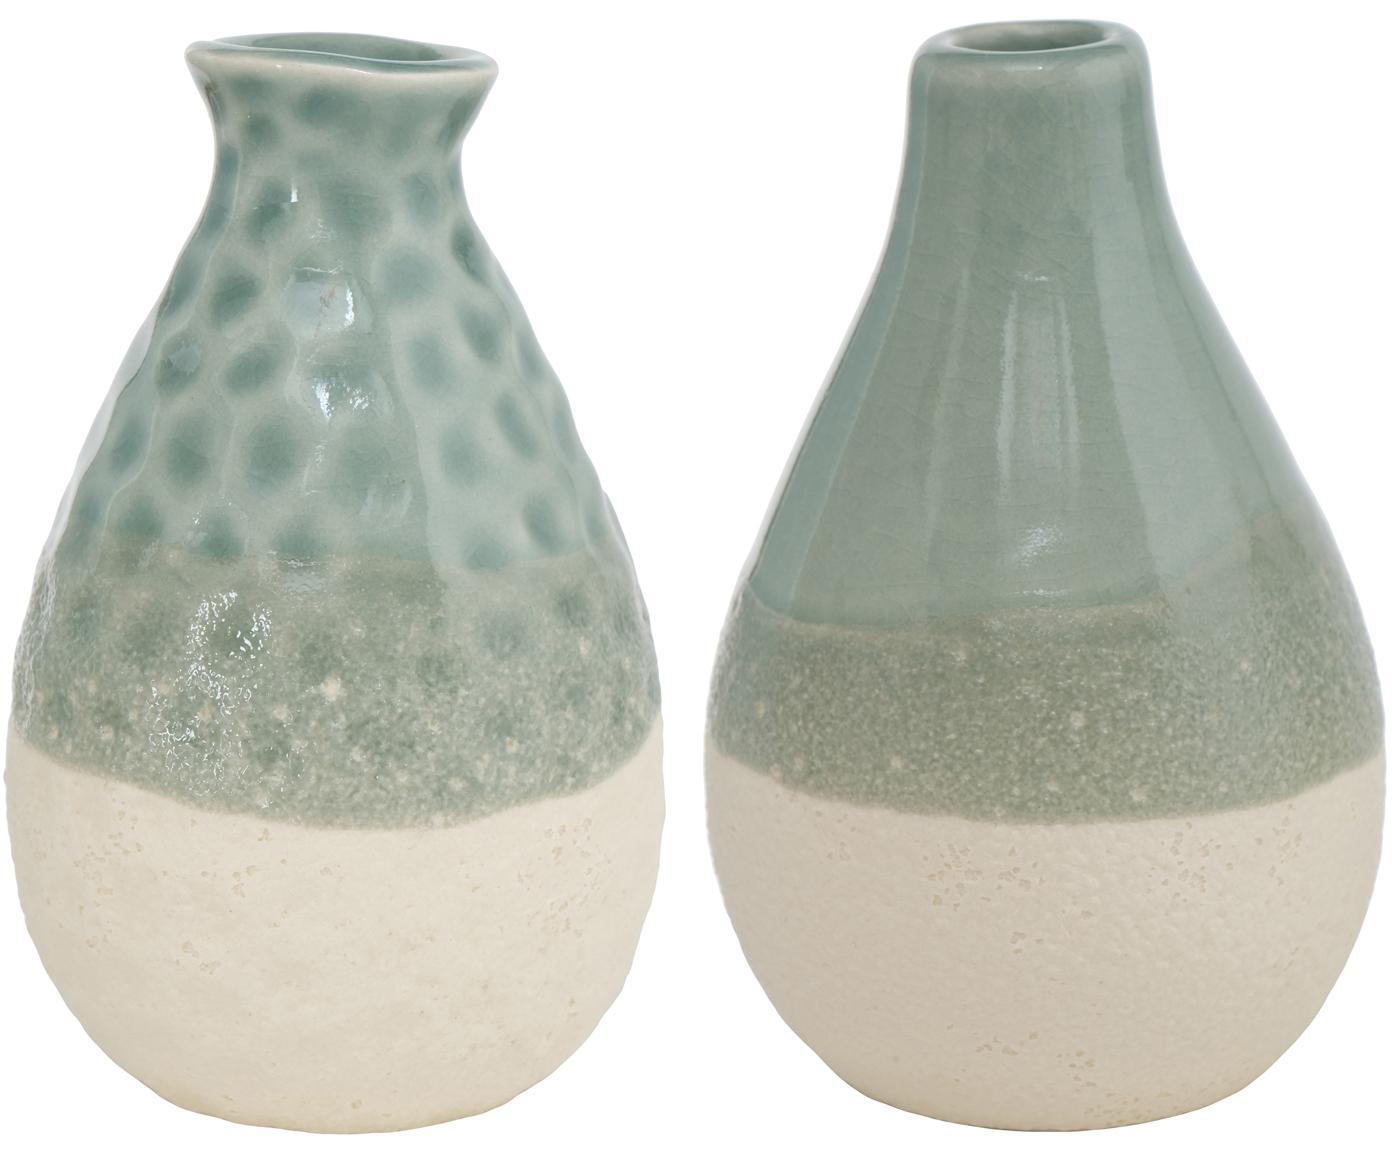 Kleines Vasen-Set Carney aus Steingut, 2-tlg., Steingut, Grün, Beige, Ø 7 x H 11 cm